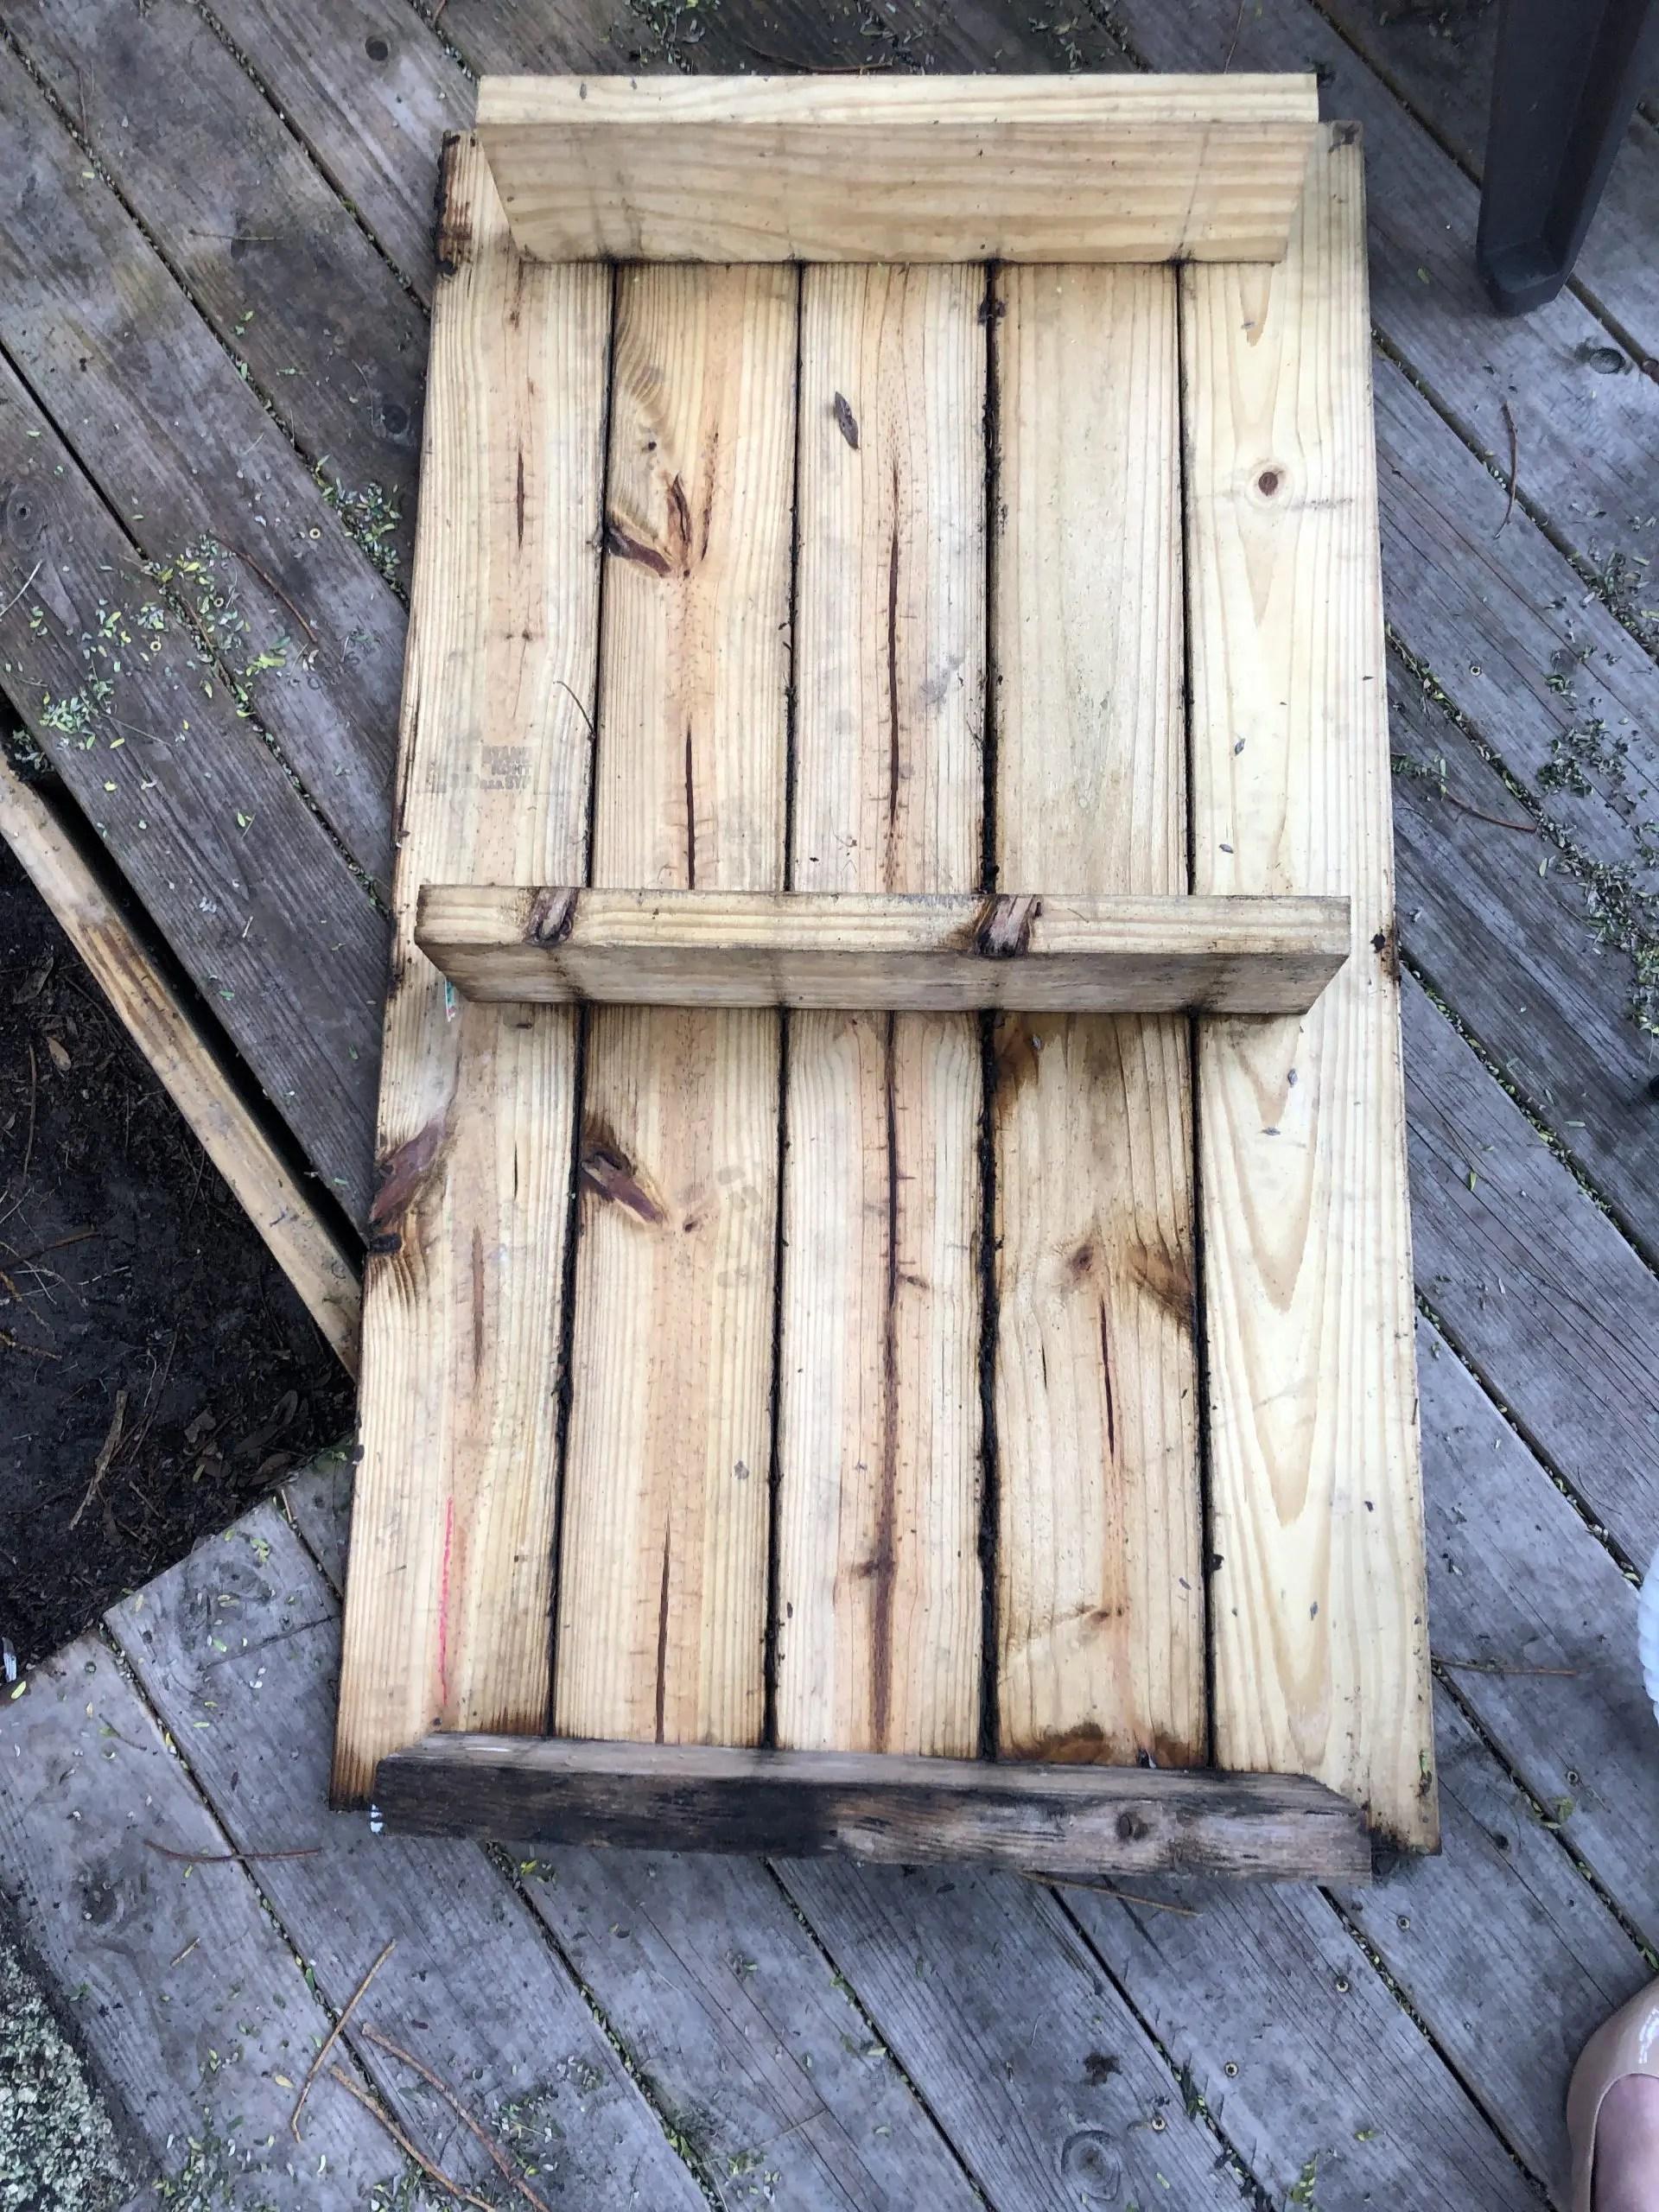 bottom side of my deck's trap door